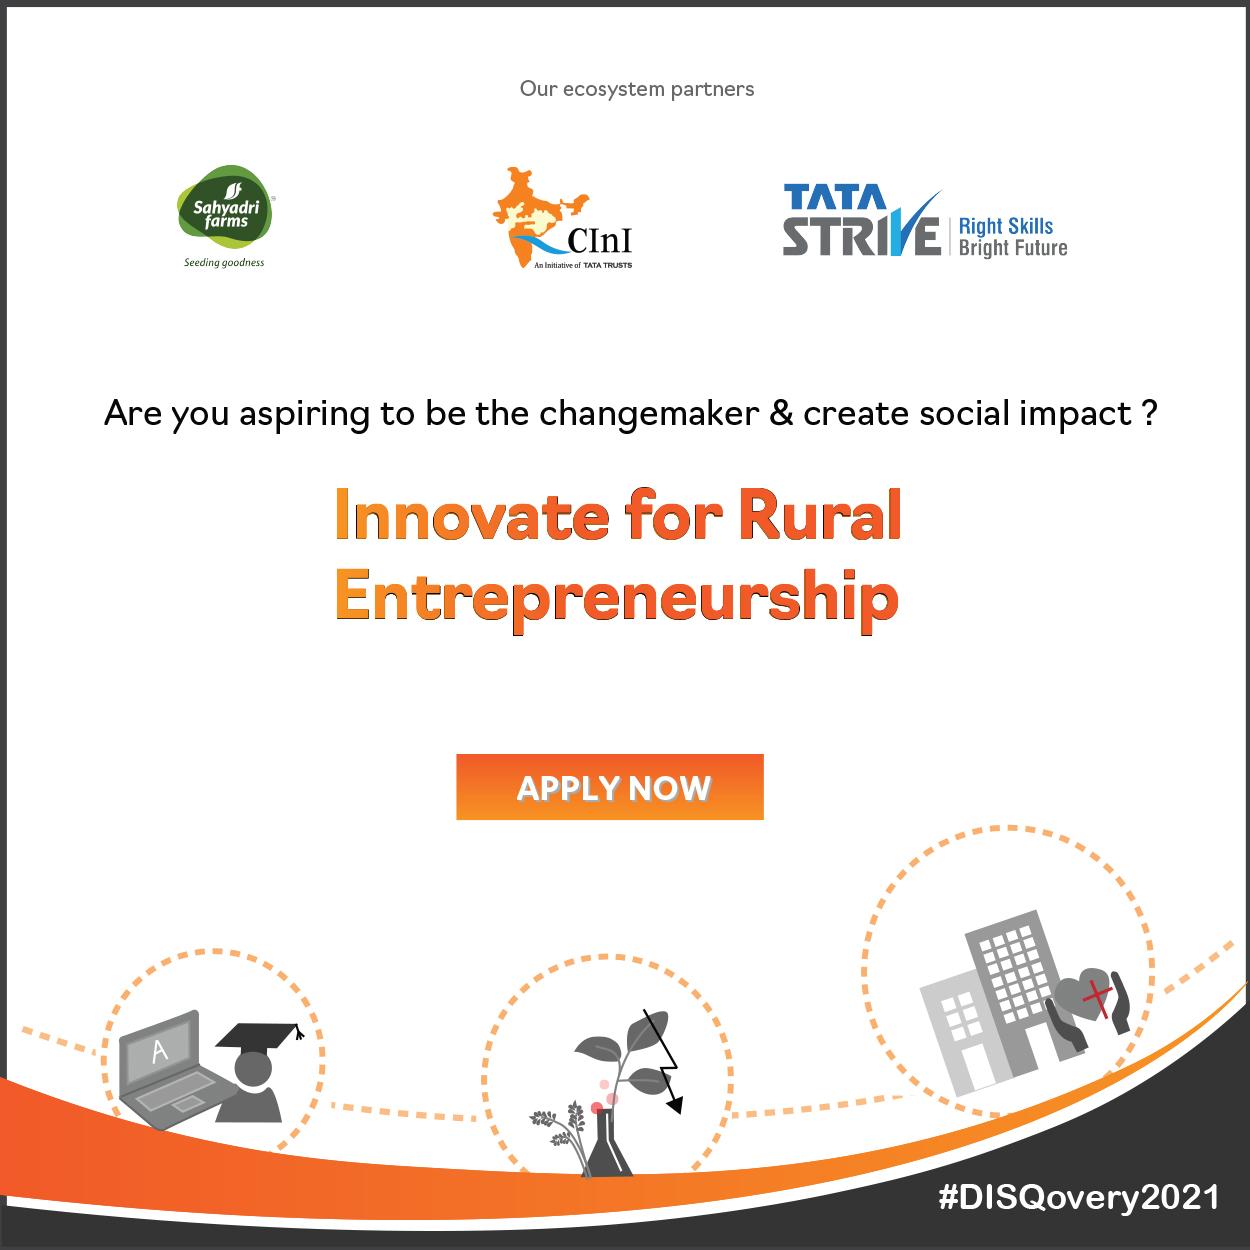 Rural_entrepreneurship_06112020